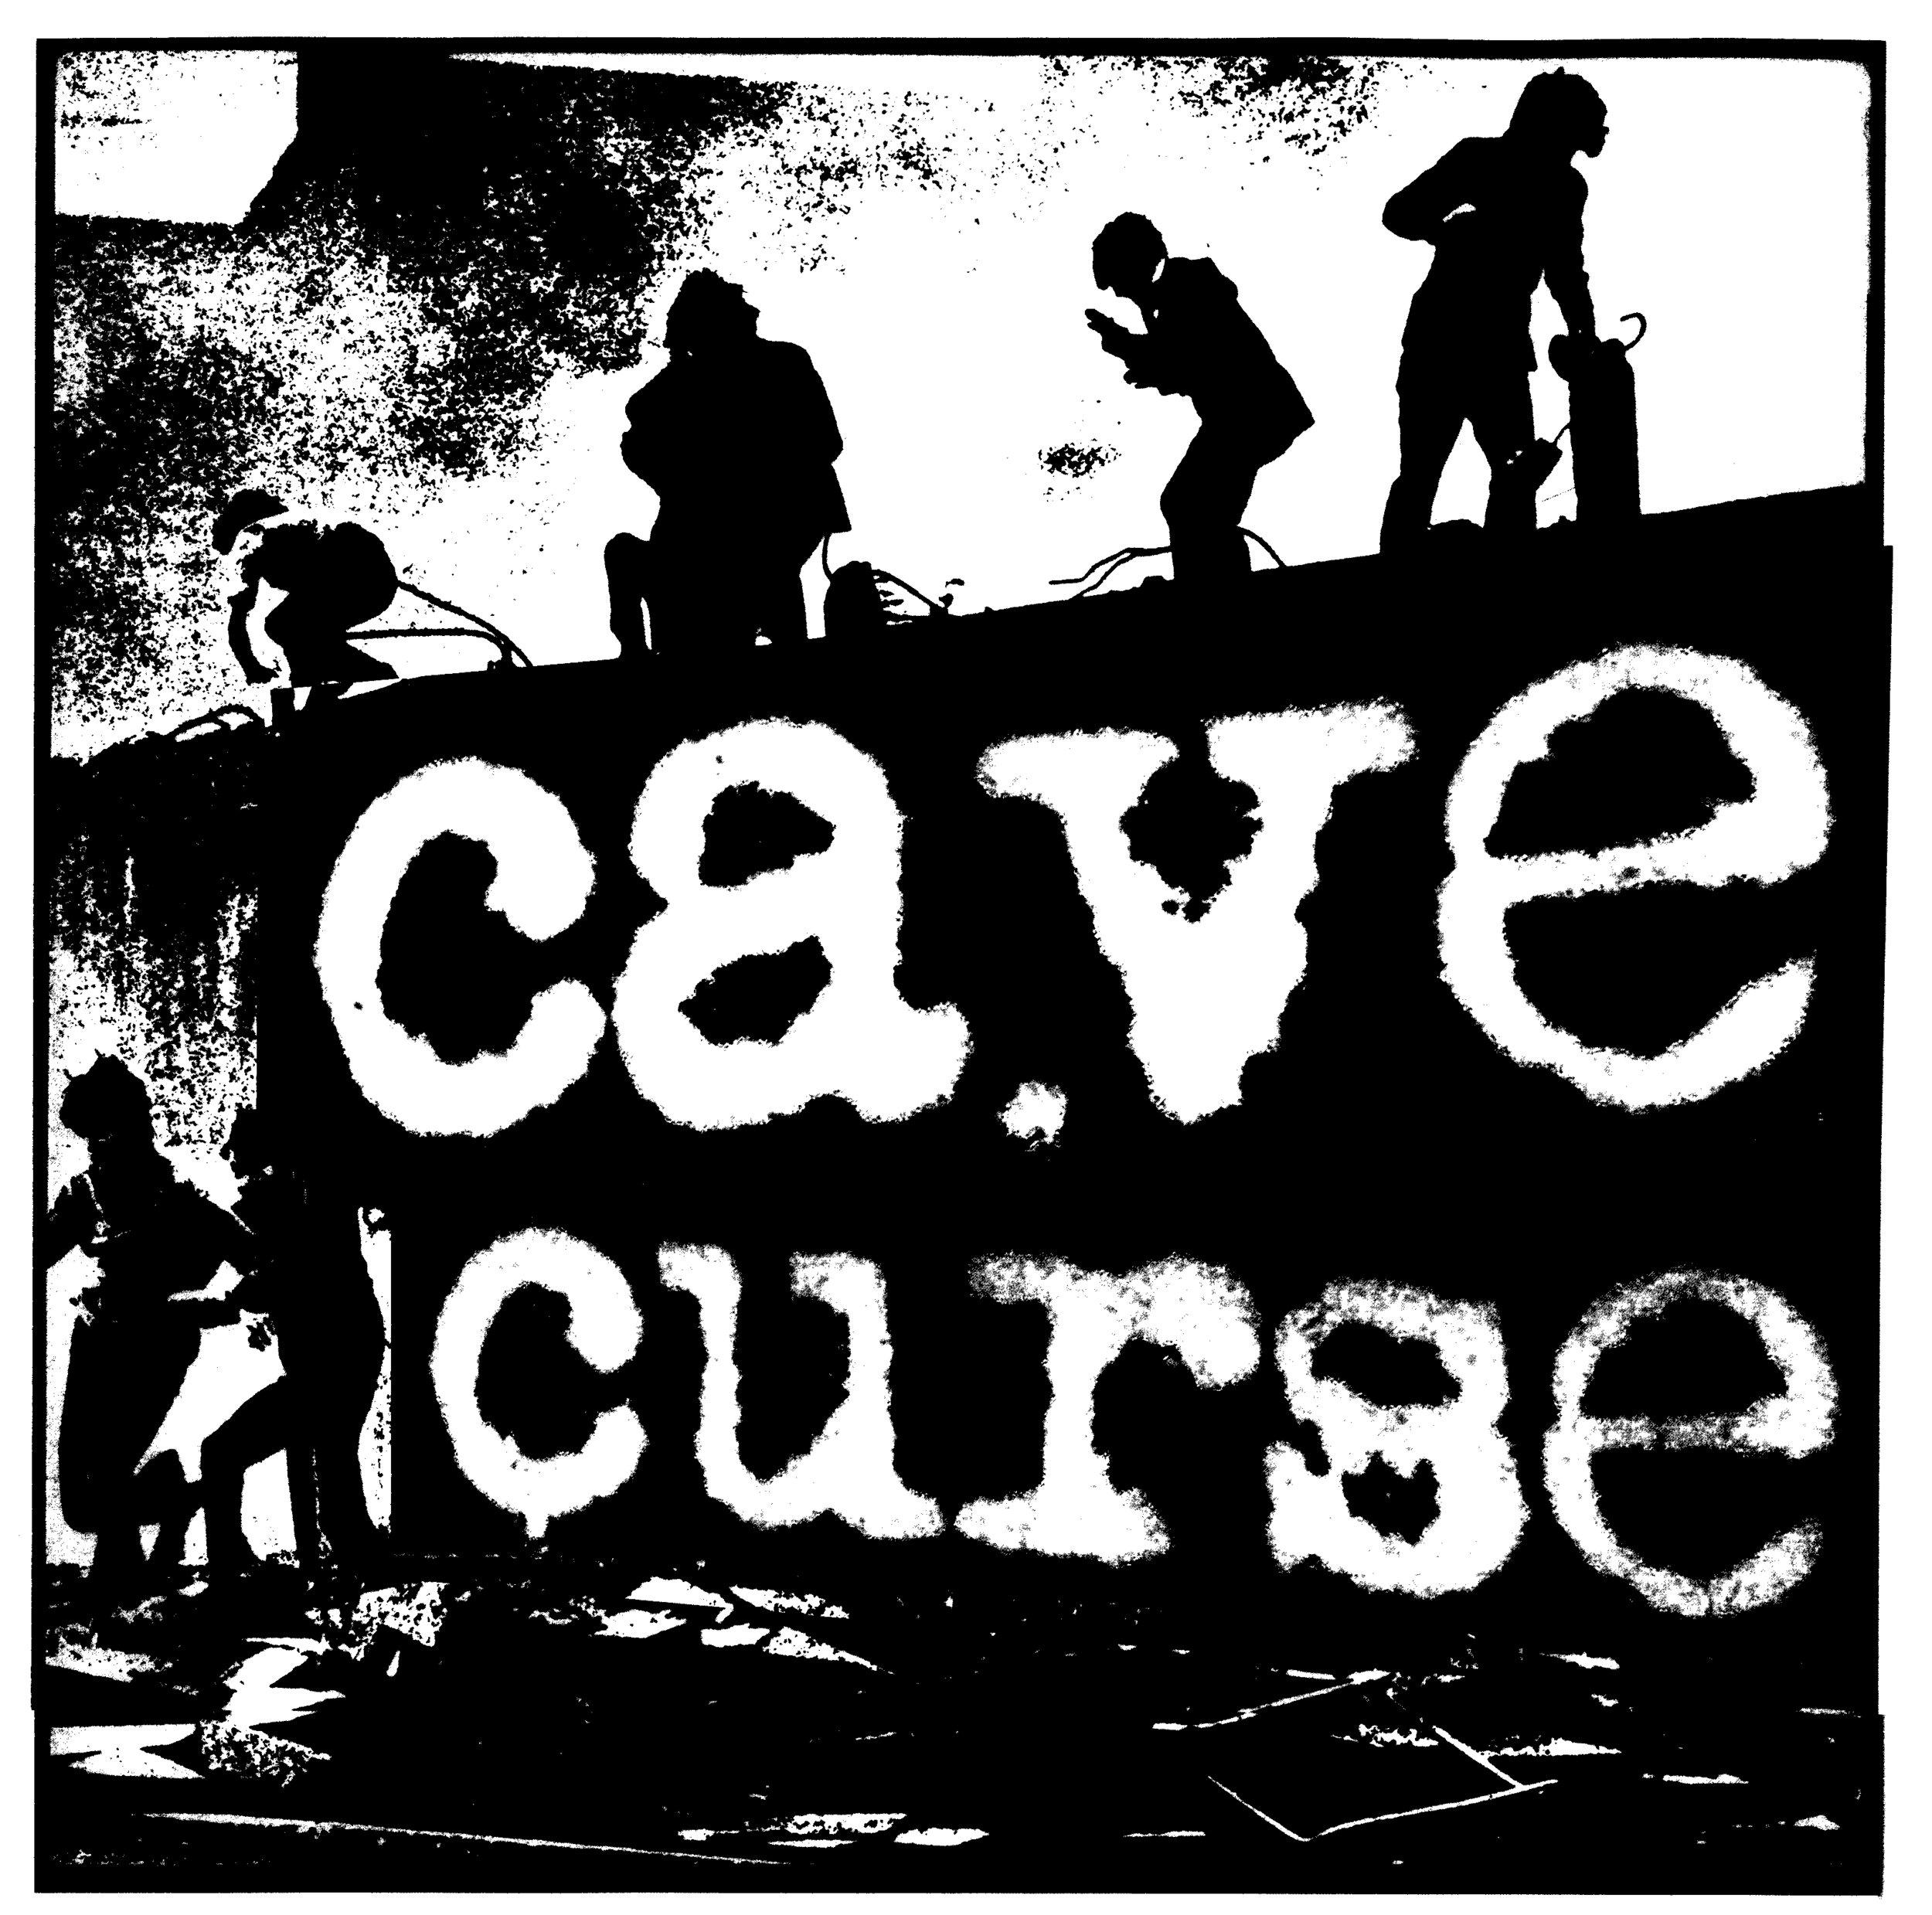 CaveCurse_KillingJoke_FINAL_J.jpg